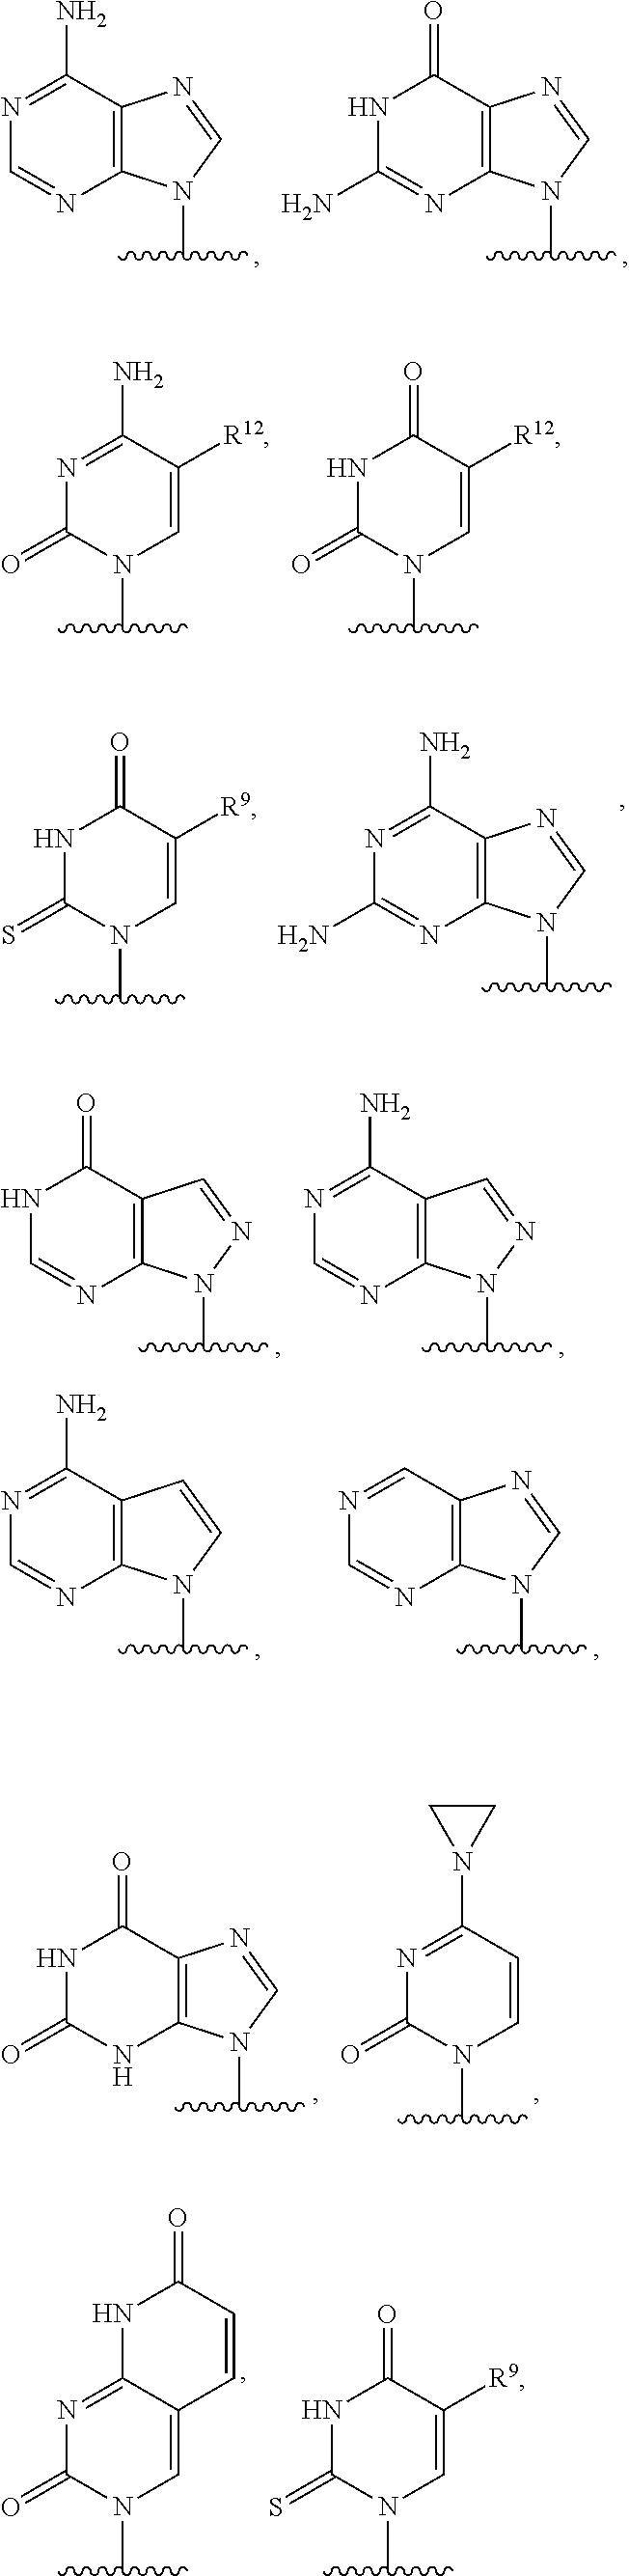 Figure US08013136-20110906-C00185